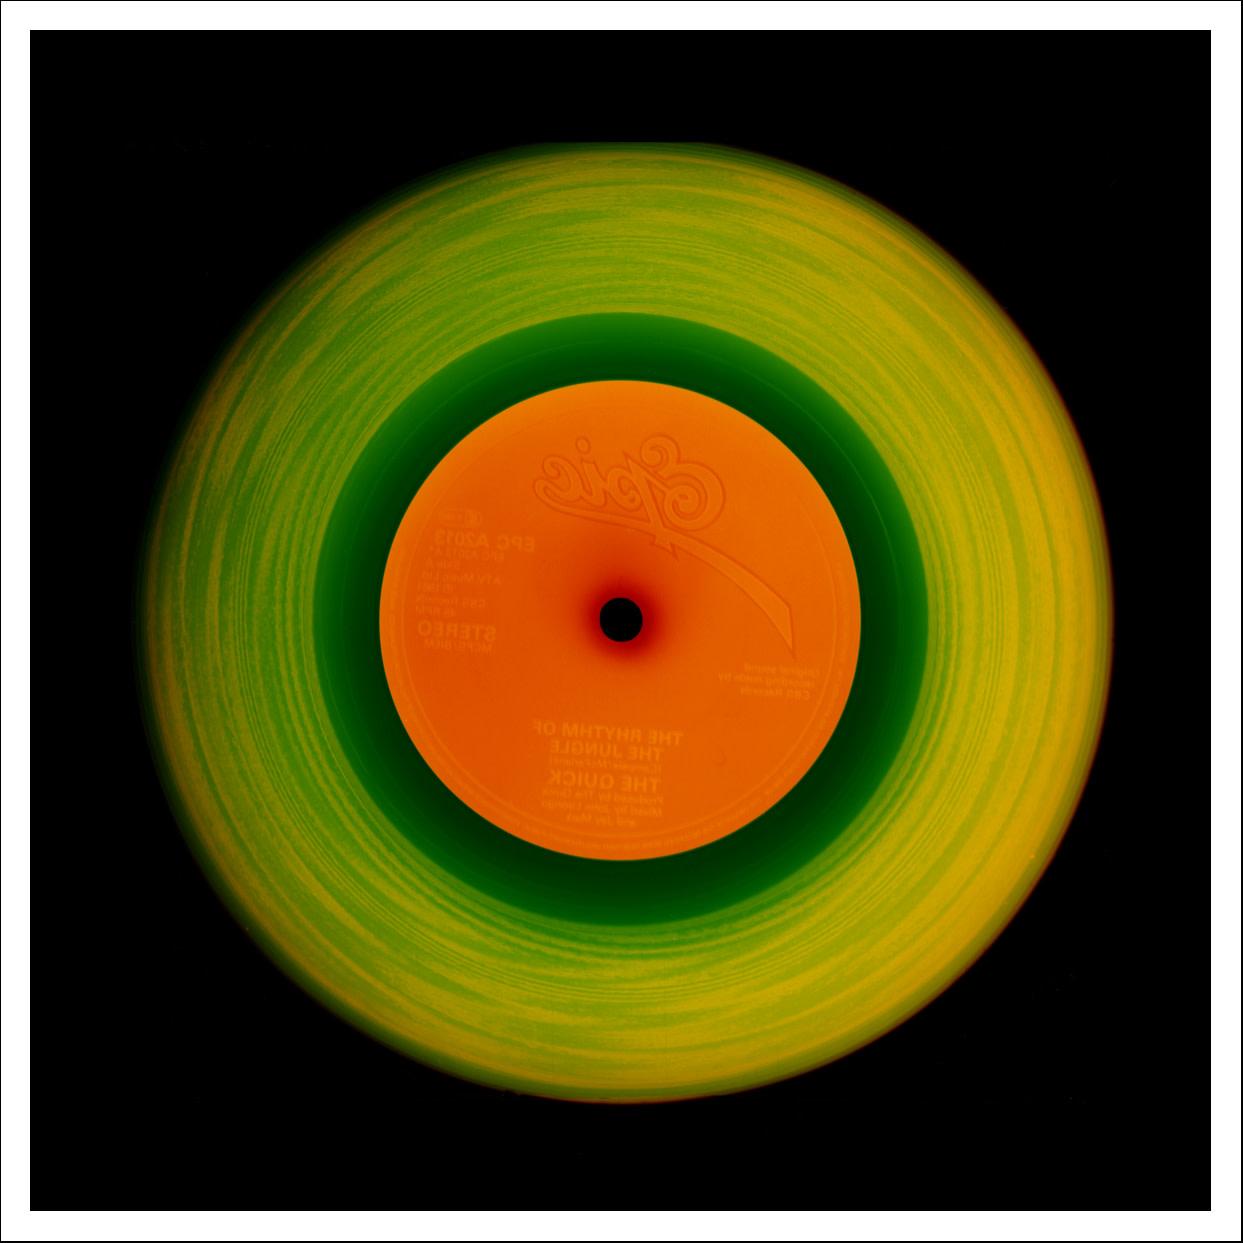 """<span class=""""link fancybox-details-link""""><a href=""""/artists/183-heidler-%26-heeps/works/2742-heidler-heeps-1981-citrus/"""">View Detail Page</a></span><div class=""""artist""""><strong>Heidler & Heeps</strong></div> <div class=""""title""""><em>1981 (Citrus)</em></div> <div class=""""medium"""">C-Type Print (framed)</div> <div class=""""dimensions"""">32.5 x 32.5 cm </div> <div class=""""edition_details"""">Edition of 50</div><div class=""""price"""">£125.00</div><div class=""""copyright_line"""">Copyright The Artist</div>"""